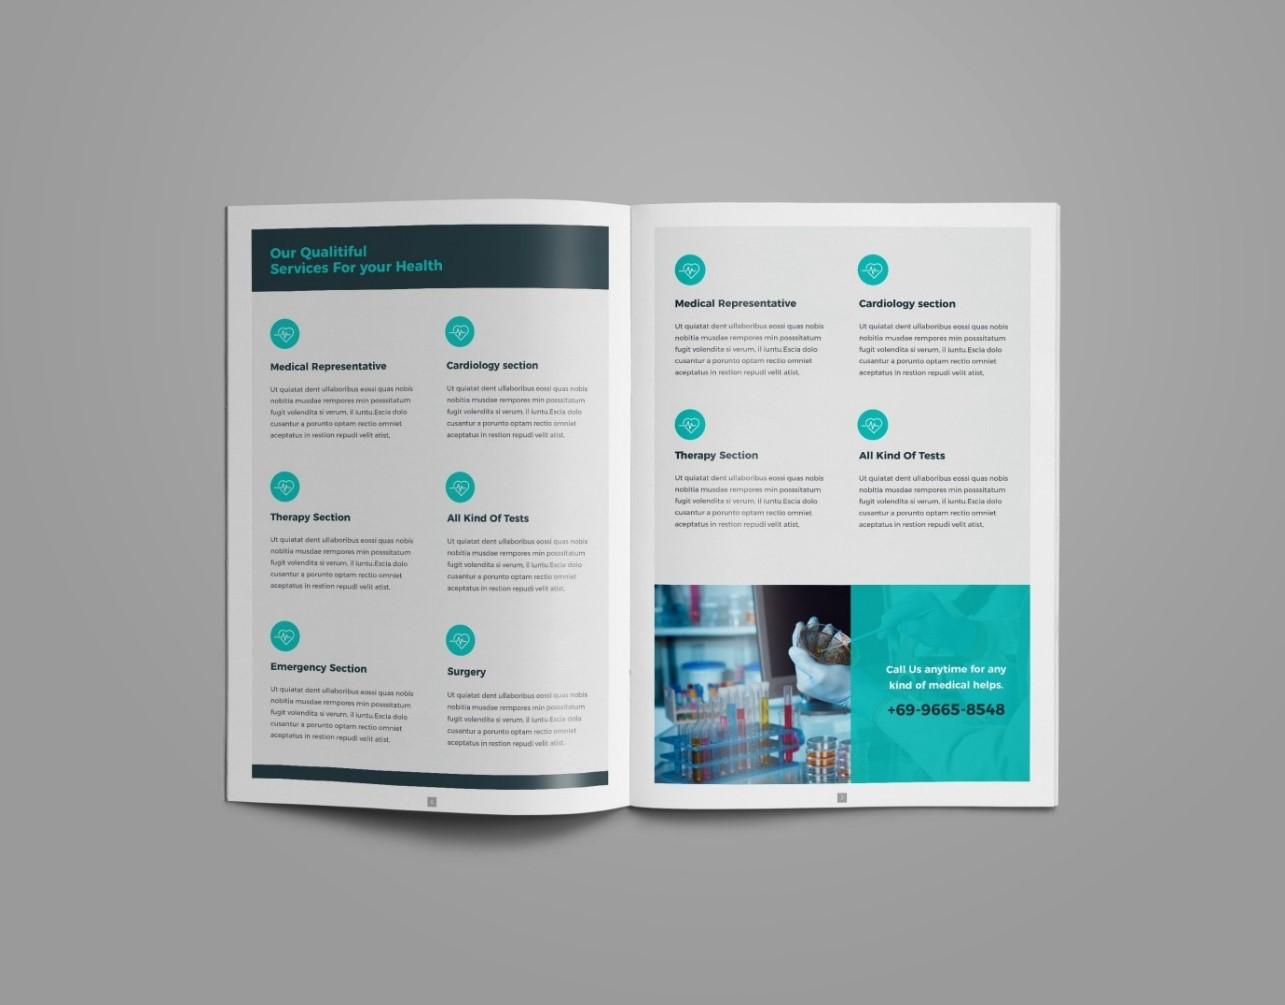 اهمیت کاتالوگ ها و توجه به طراحی صحیح آنها در بازاریابی بسیاری از کسب و کارها نادیده گرفته شده است